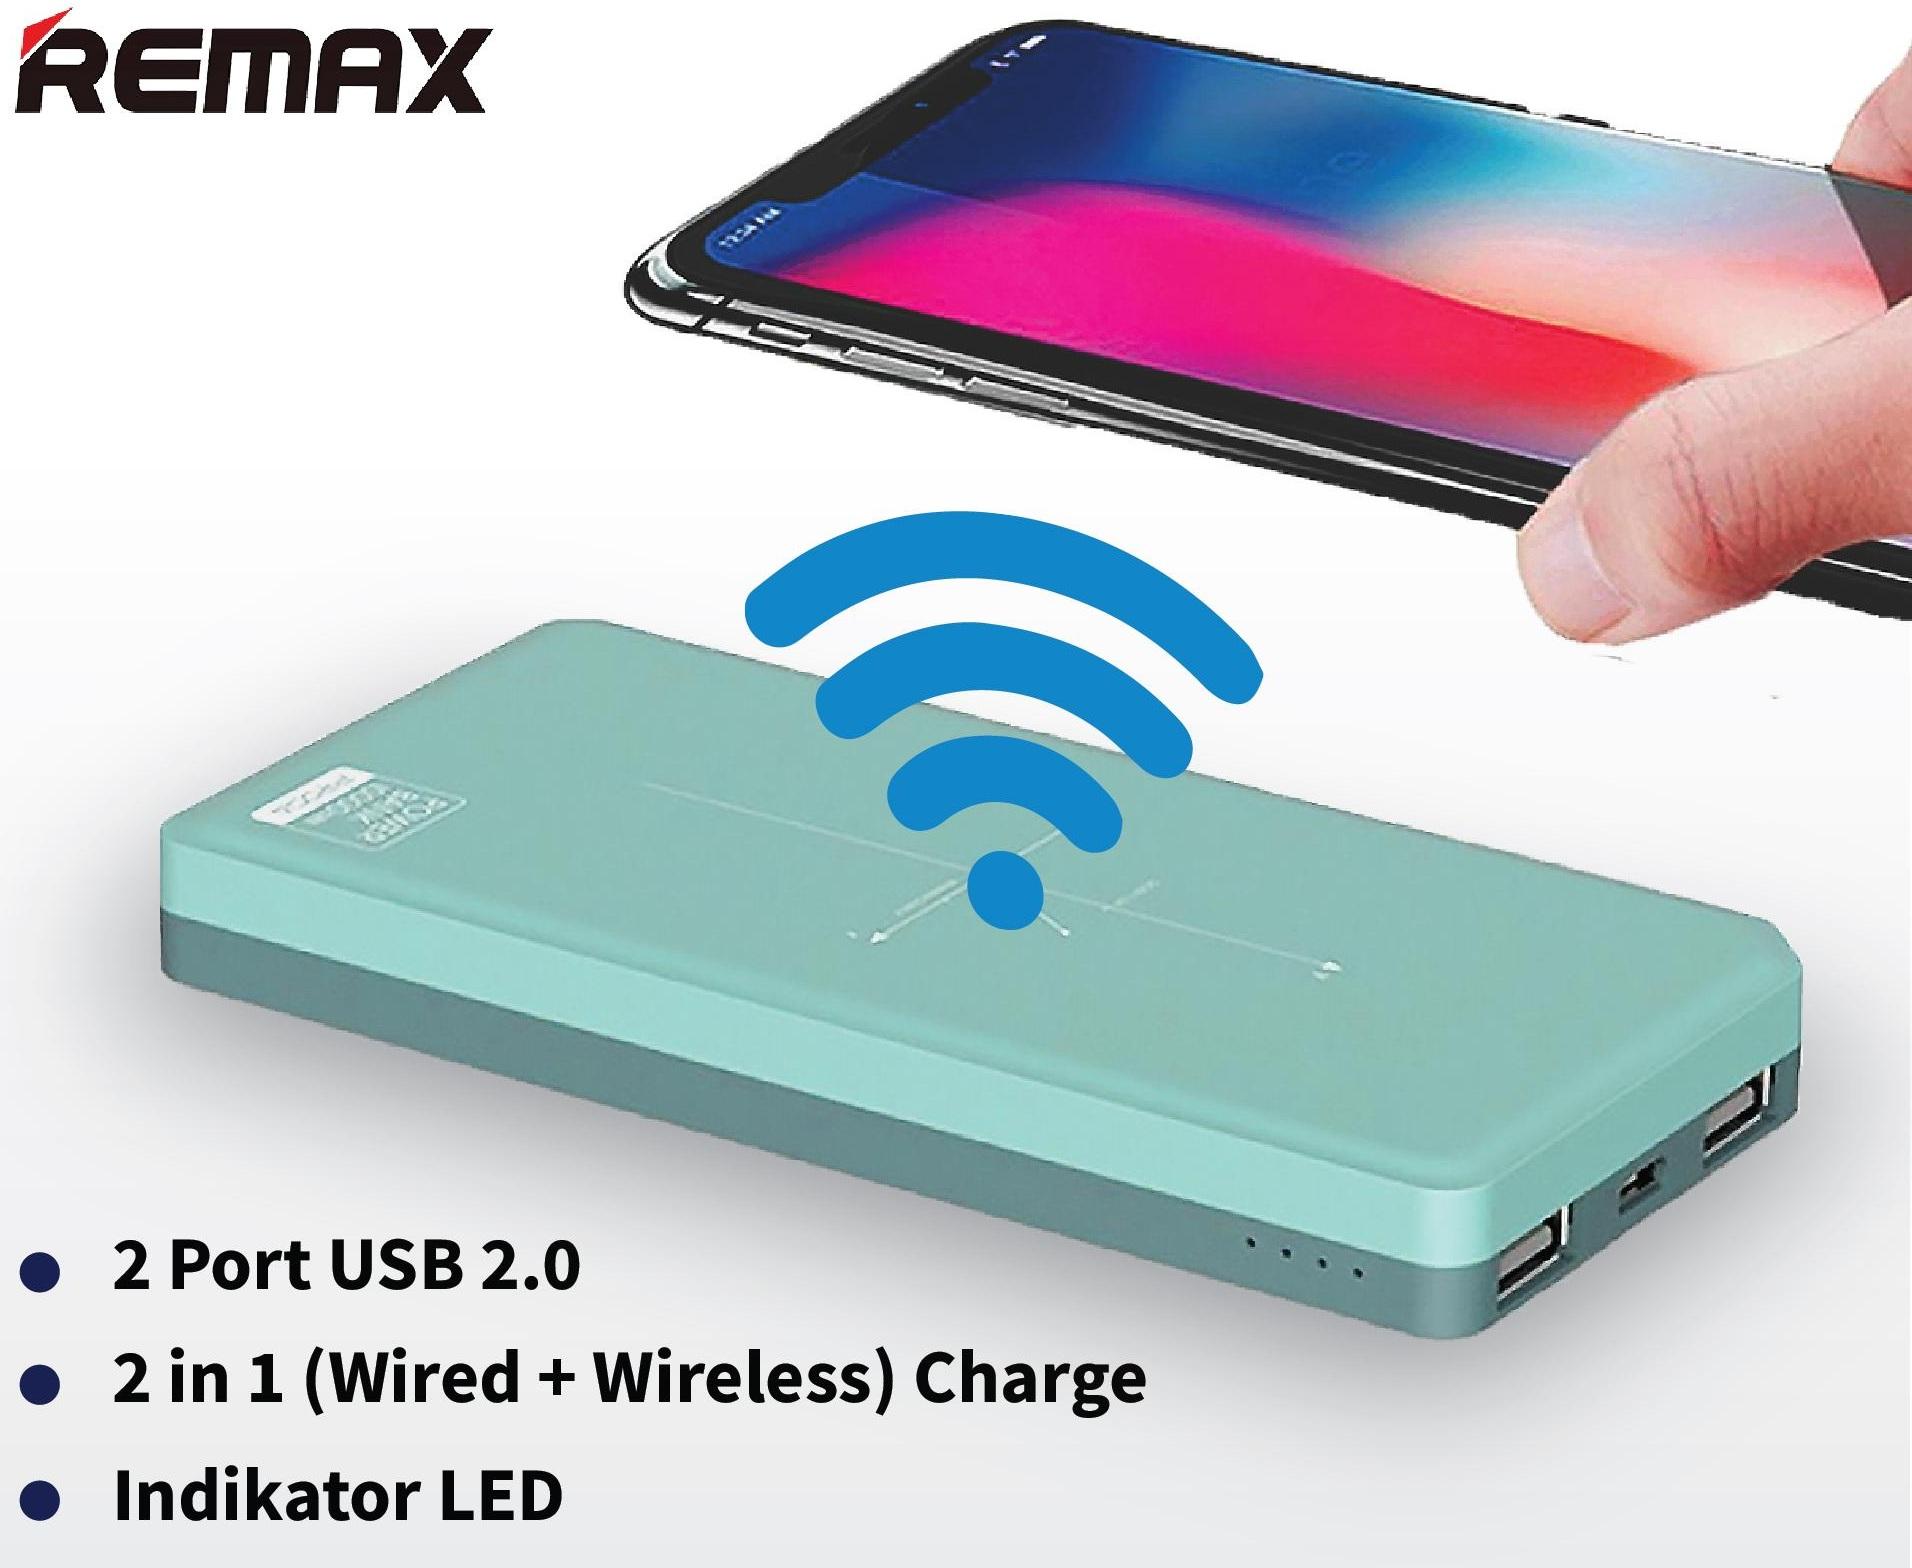 Powerbank - Sans Fil 10000mAh - Remax - PPP-33